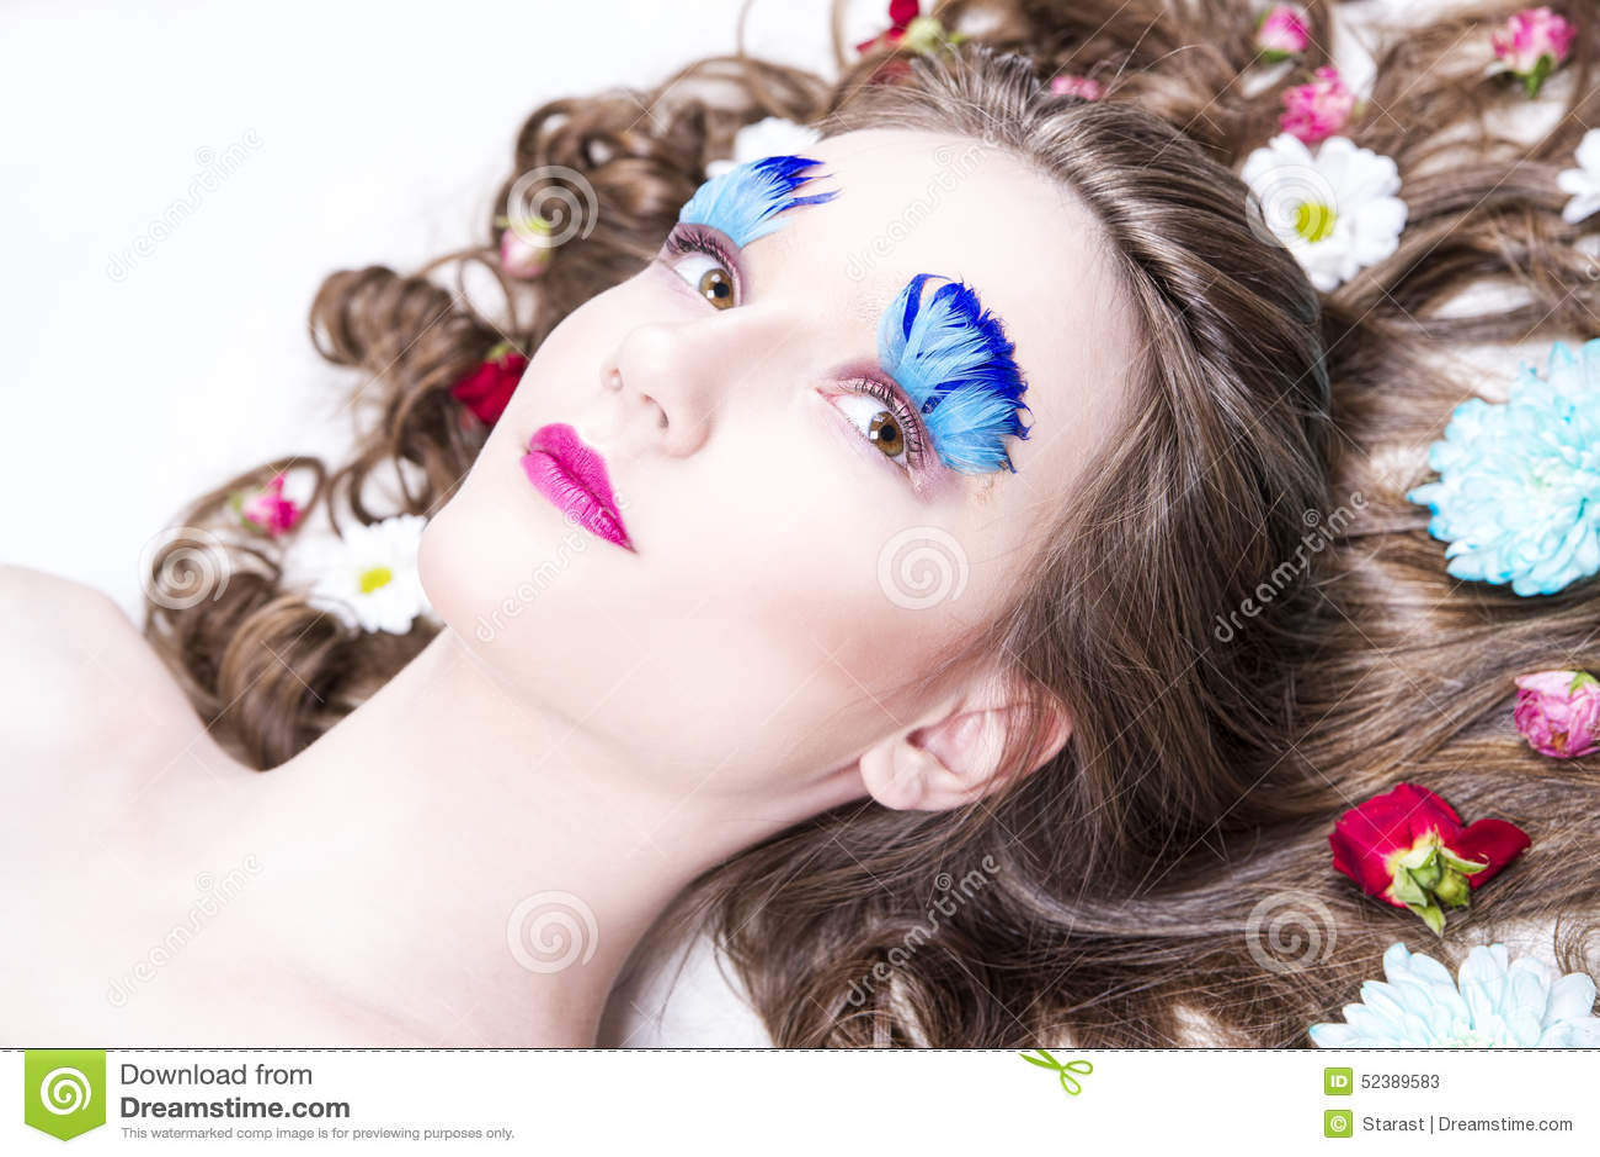 Schones Madchen Mit Kreativem Make Up Und Frisur Mit Blumen